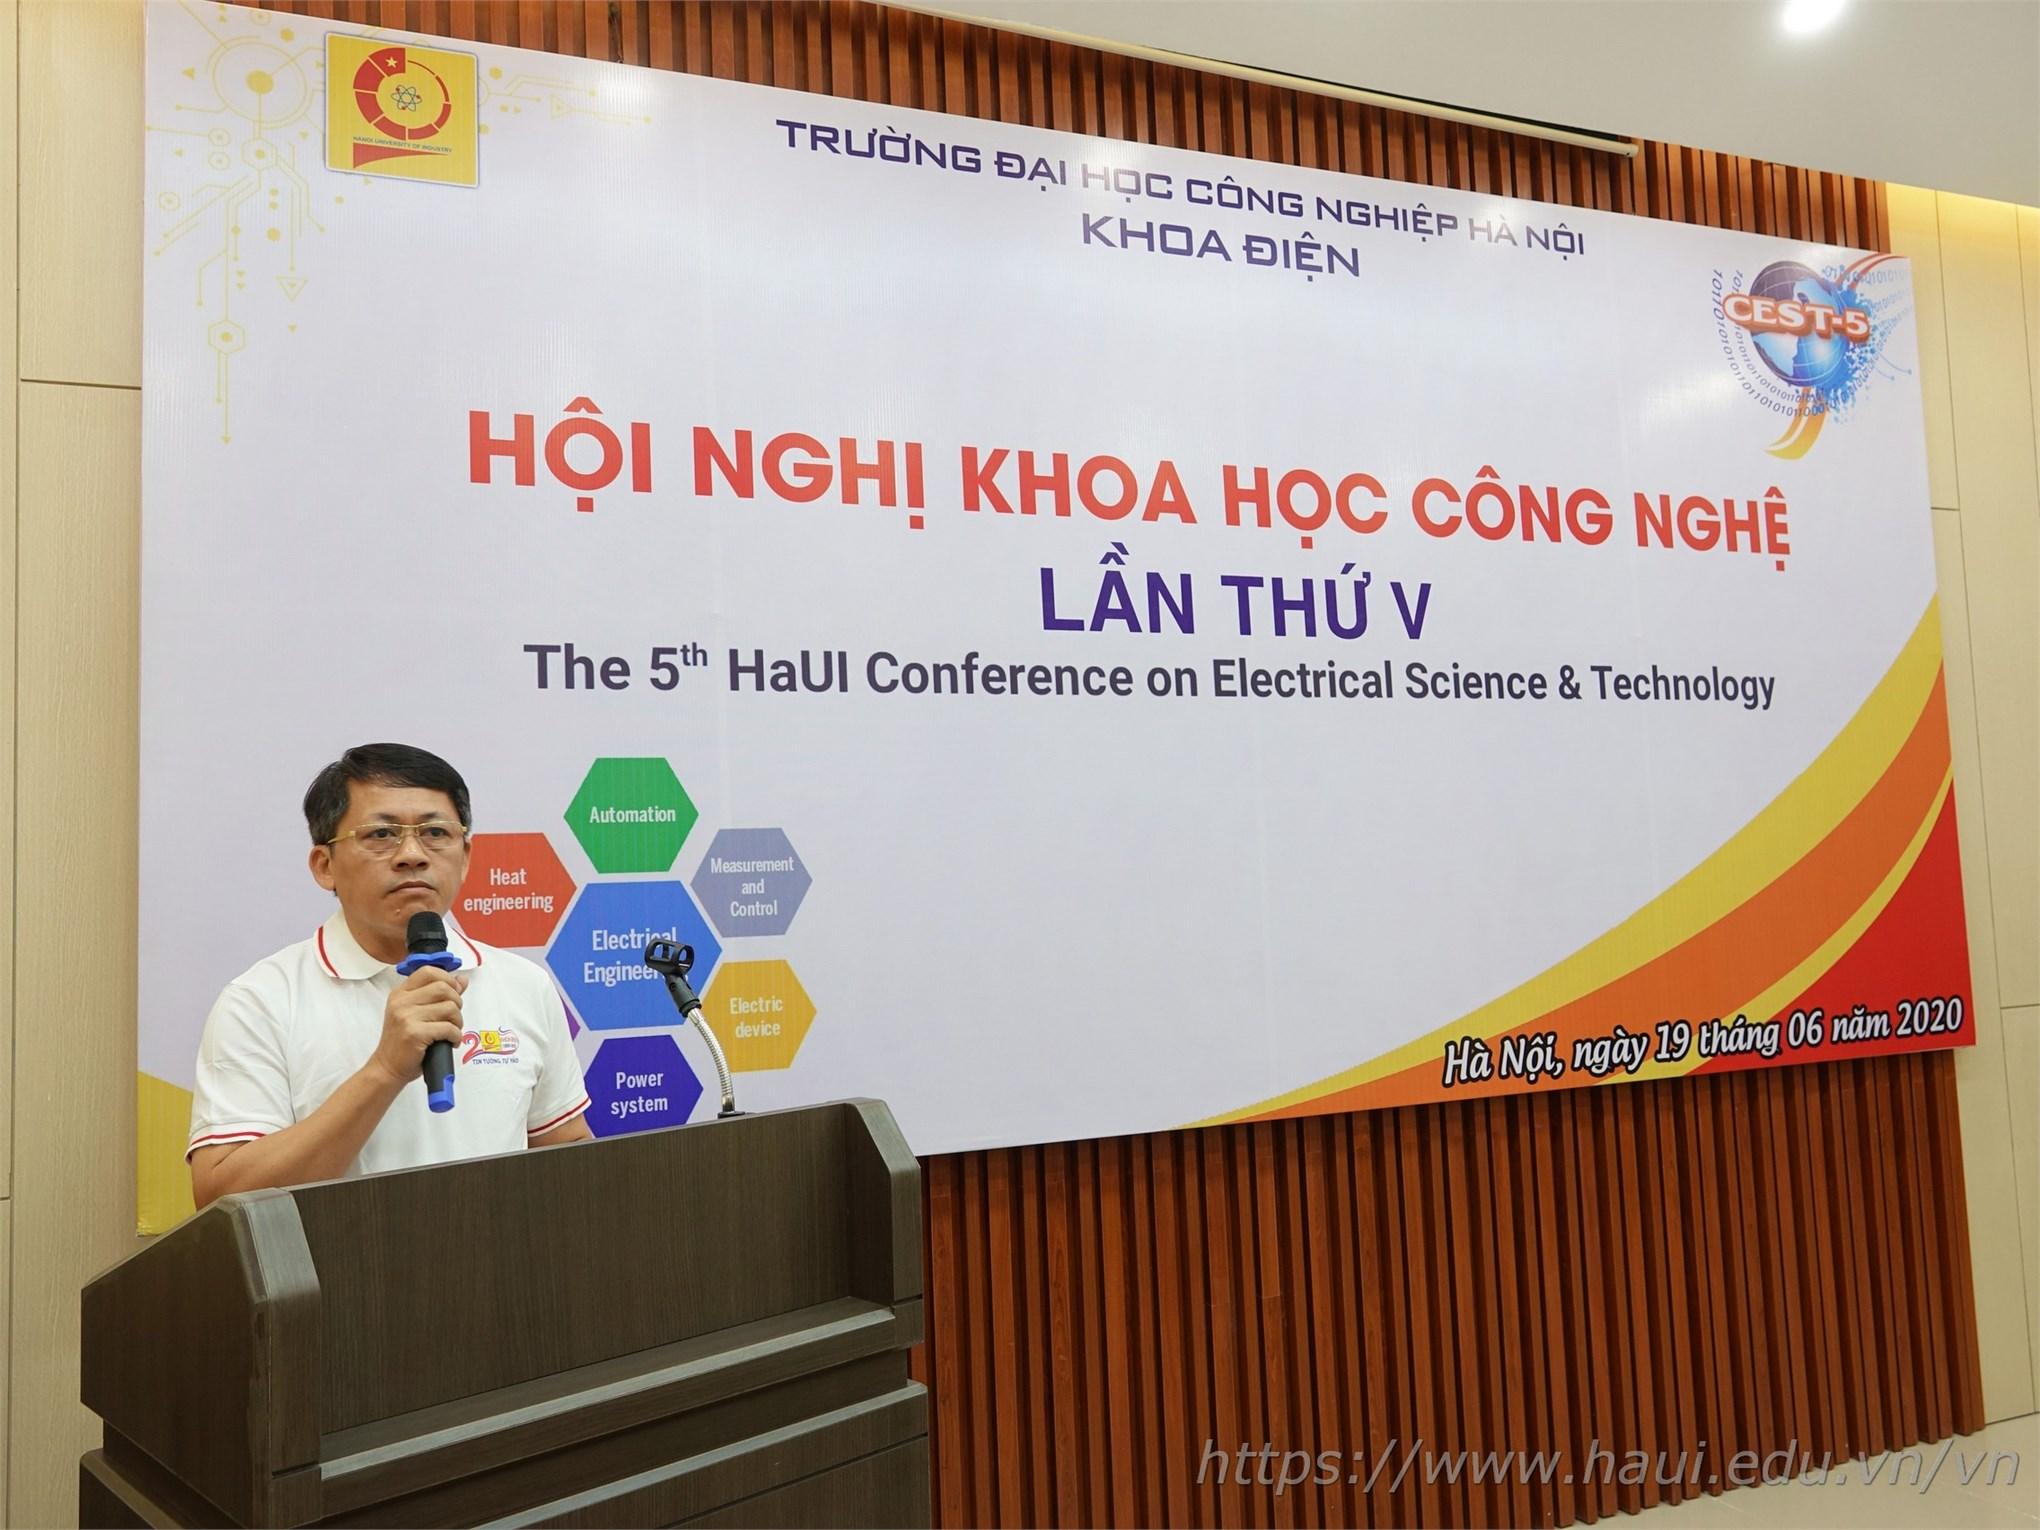 TS. Nguyễn Văn Minh - Trưởng khoa Điện phát biểu Khai mạc Hội nghị Khoa học Công nghệ lần thứ V của khoa